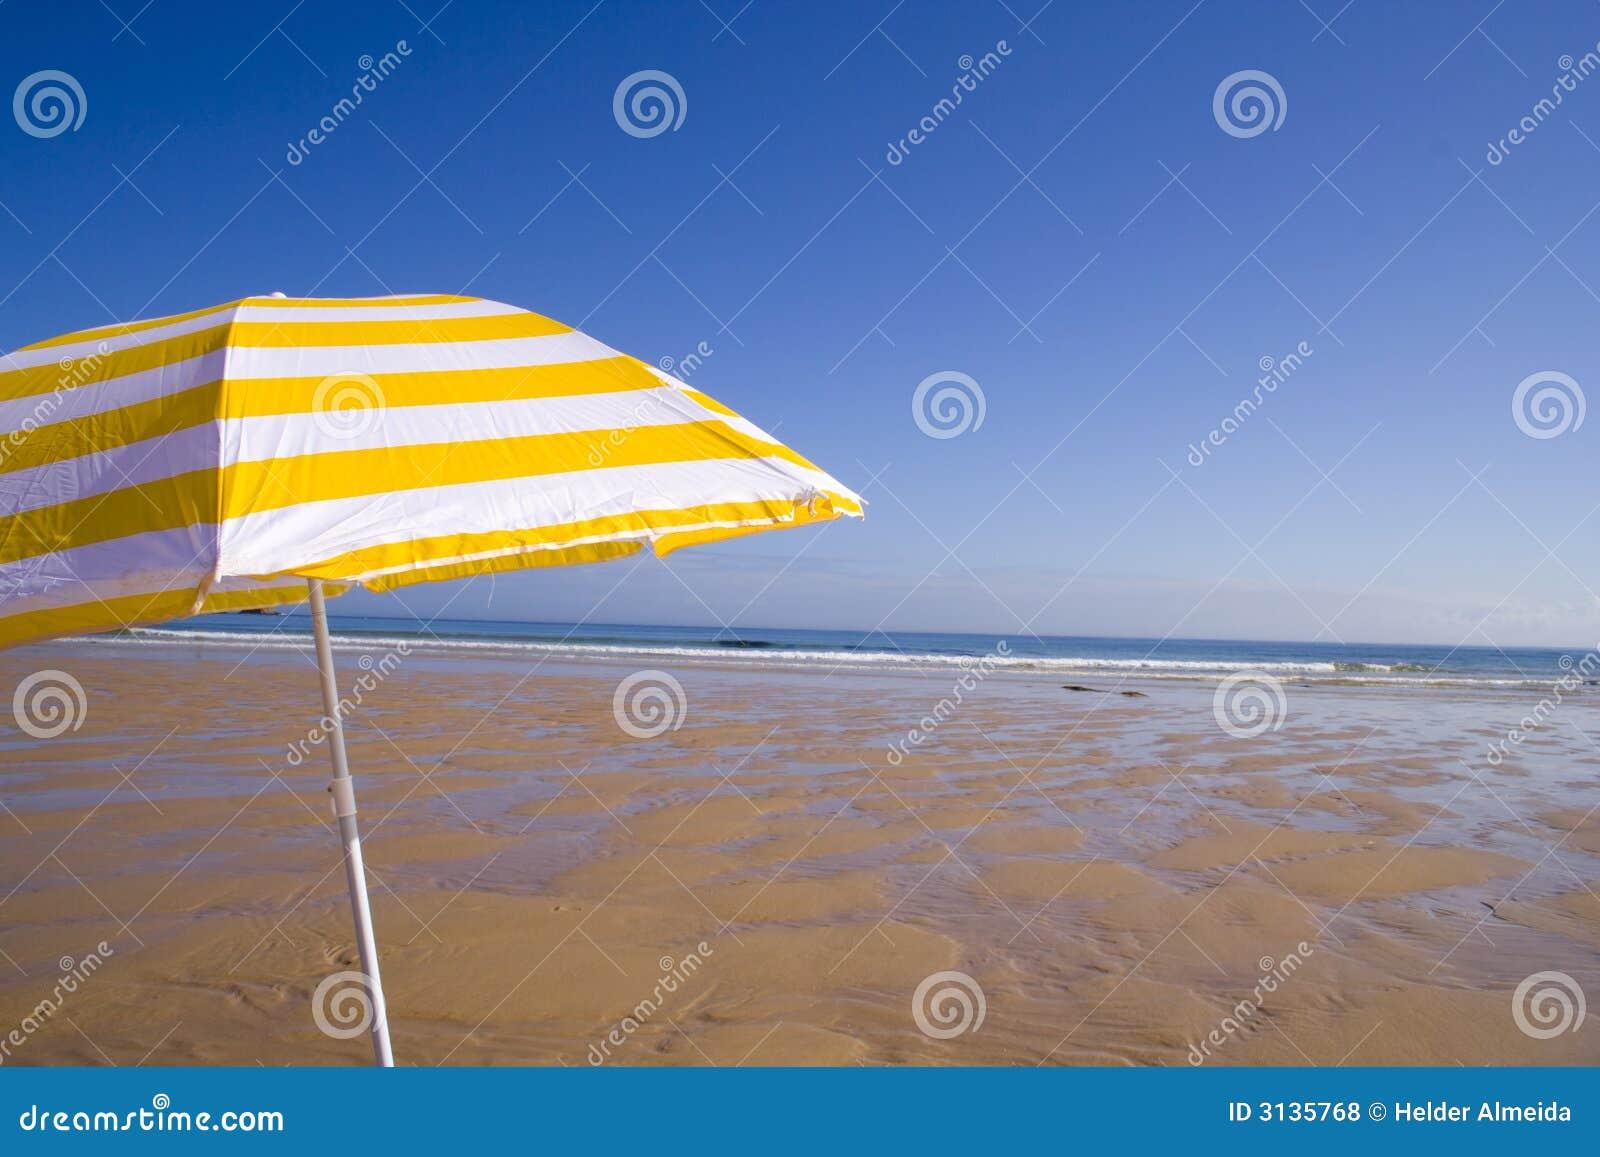 Ombrello giallo alla spiaggia